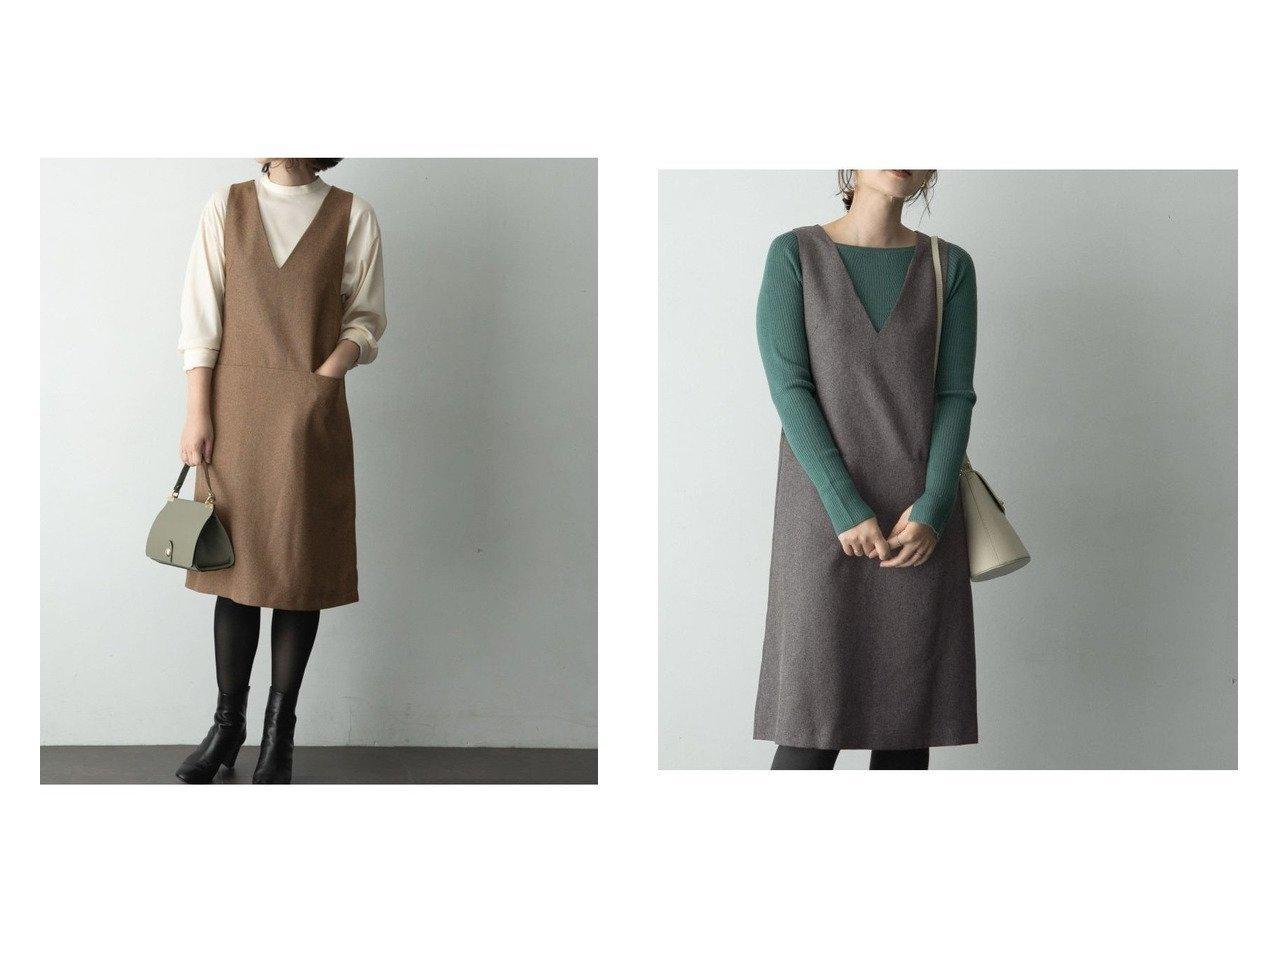 【URBAN RESEARCH ROSSO/アーバンリサーチ ロッソ】のツイードジャンパーワンピース ワンピース・ドレスのおすすめ!人気トレンド・レディースファッションの通販 おすすめで人気のファッション通販商品 インテリア・家具・キッズファッション・メンズファッション・レディースファッション・服の通販 founy(ファニー) https://founy.com/ ファッション Fashion レディース WOMEN ワンピース Dress インナー ツイード ハイネック フィット 人気 防寒 |ID:crp329100000006606